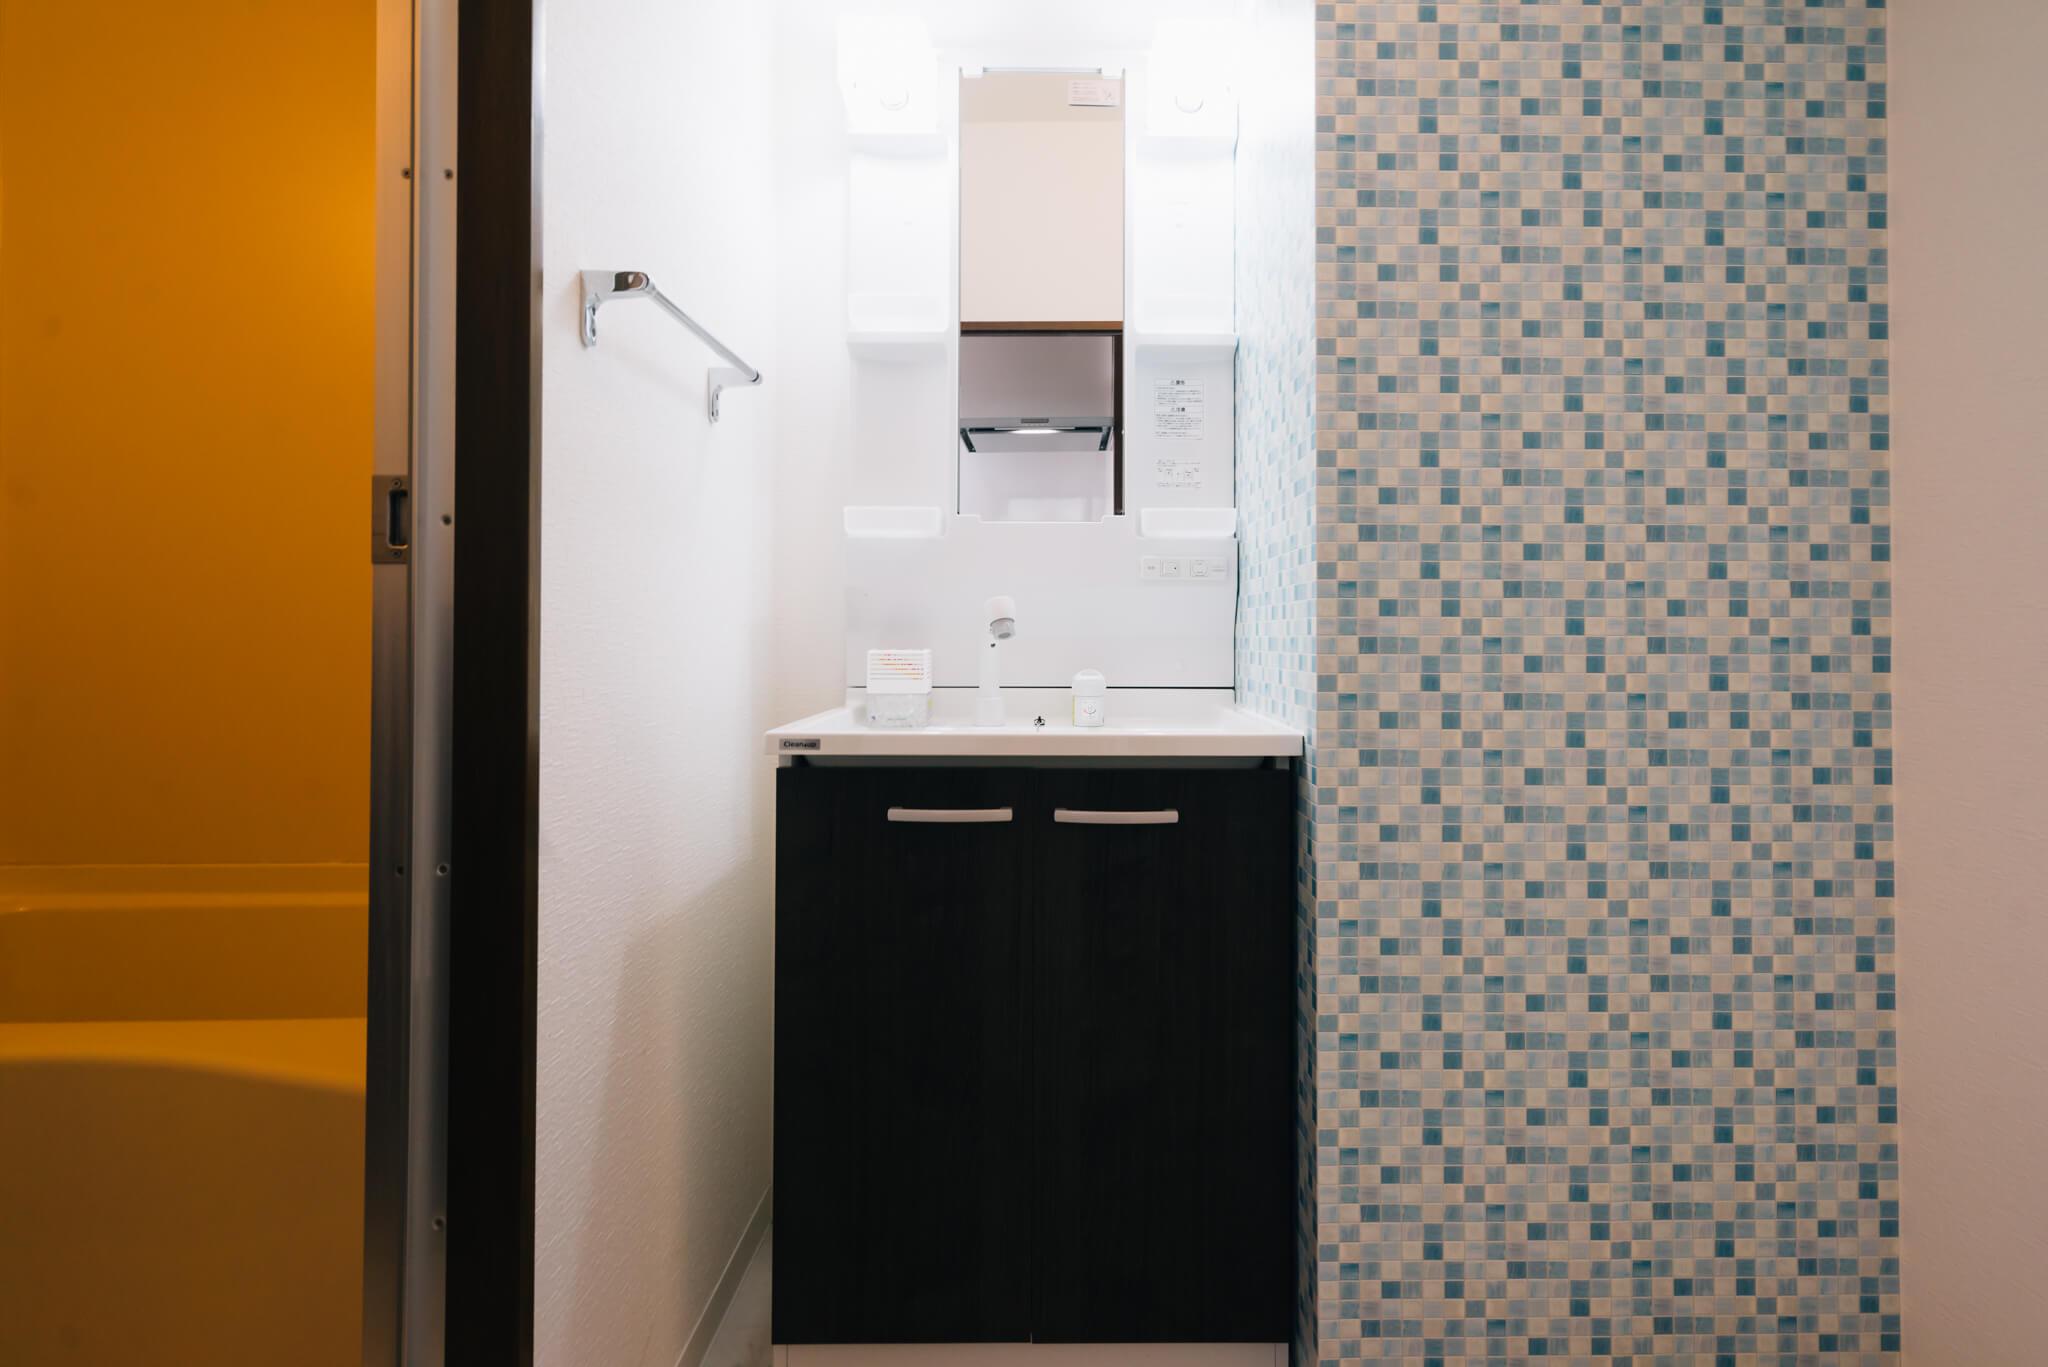 キッチンや洗面所なども、ひとり暮らしとしてはかなり充実した設備になっていて、「良いものをつくっている」と自信を持っておすすめされるのがよくわかります。